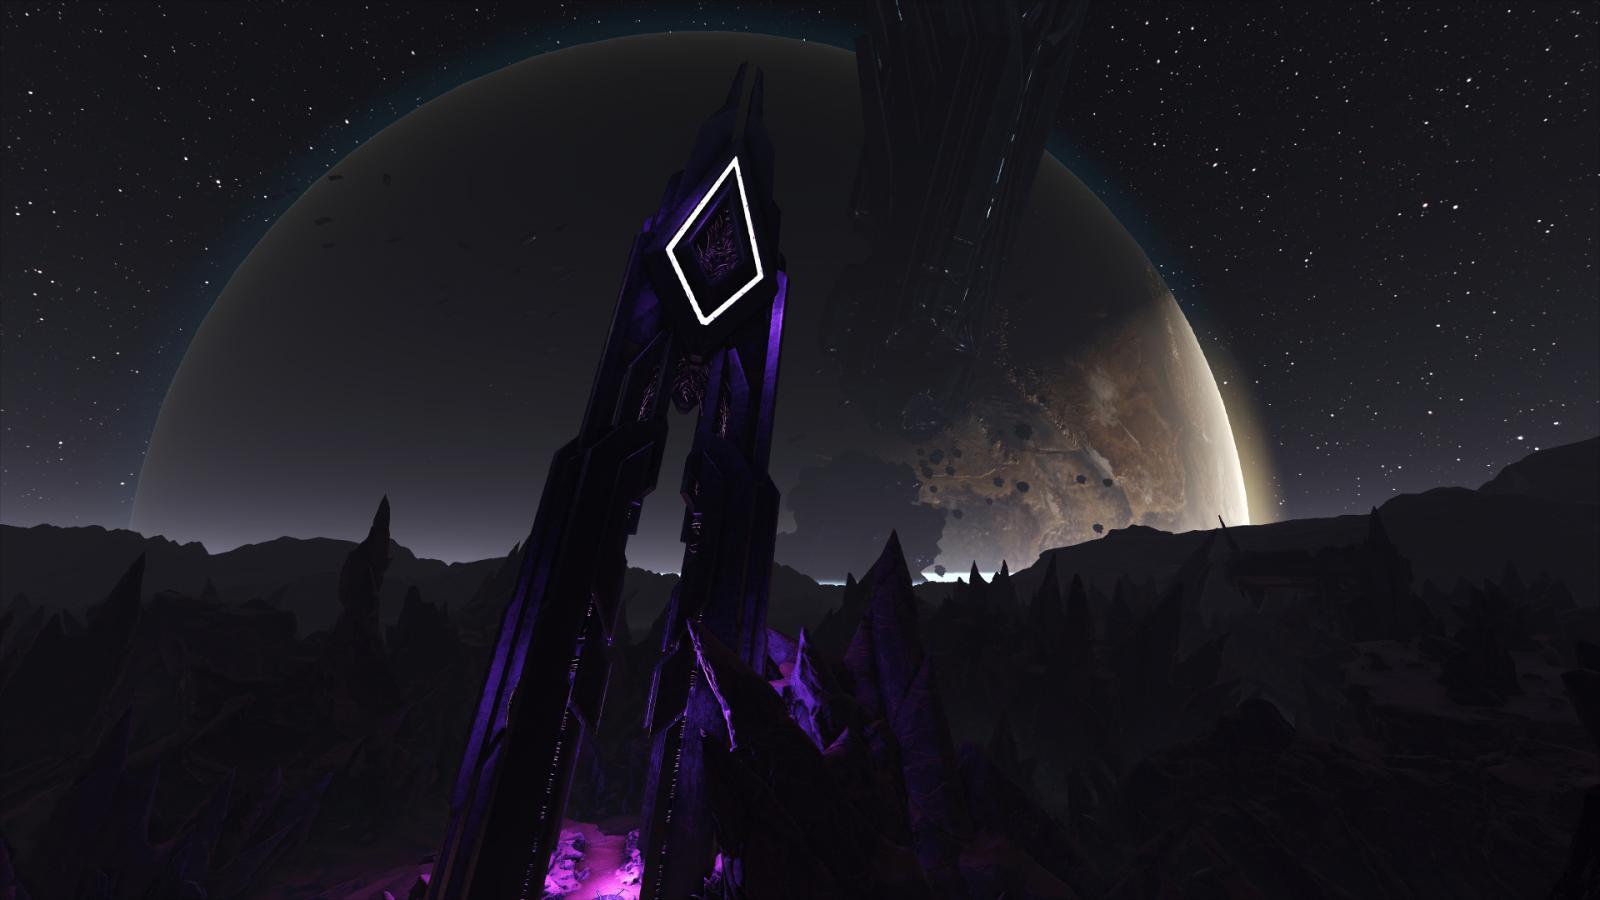 large.5a94bbed0b00f_Norlinri-Obelisk-SuperResolution.jpg